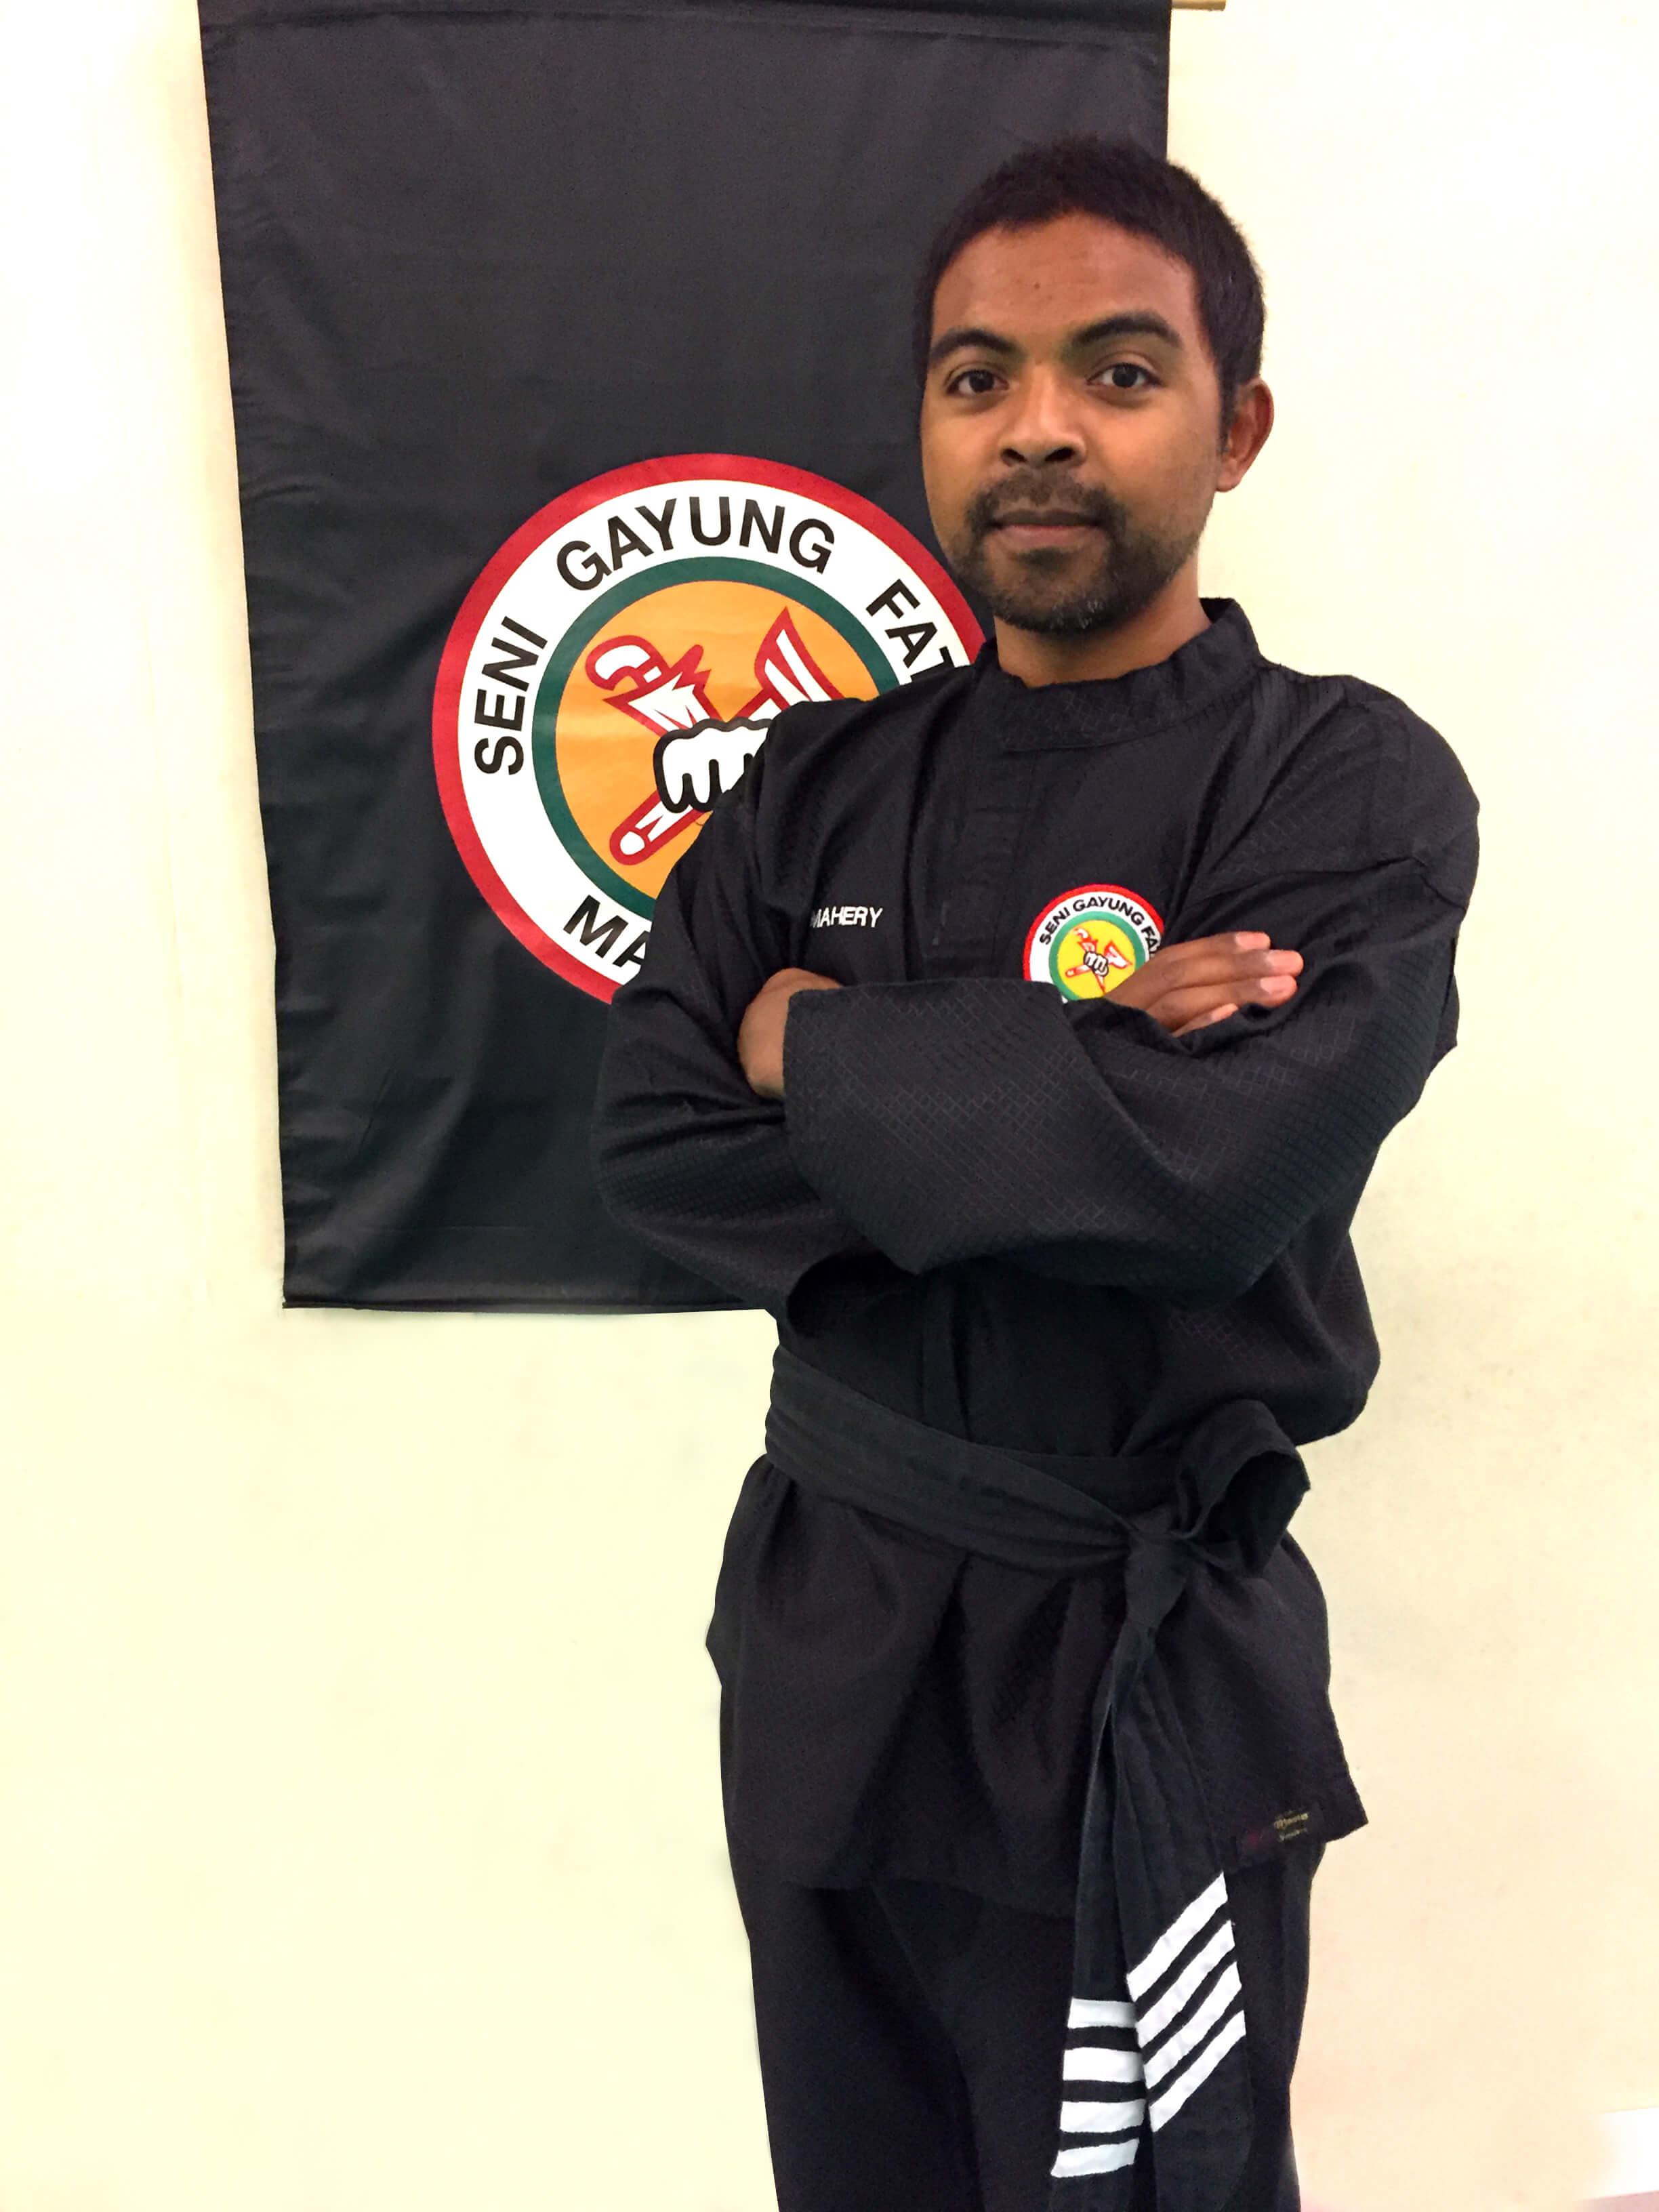 Cikgu Mahery - Ketua Jurulatih PSGFM